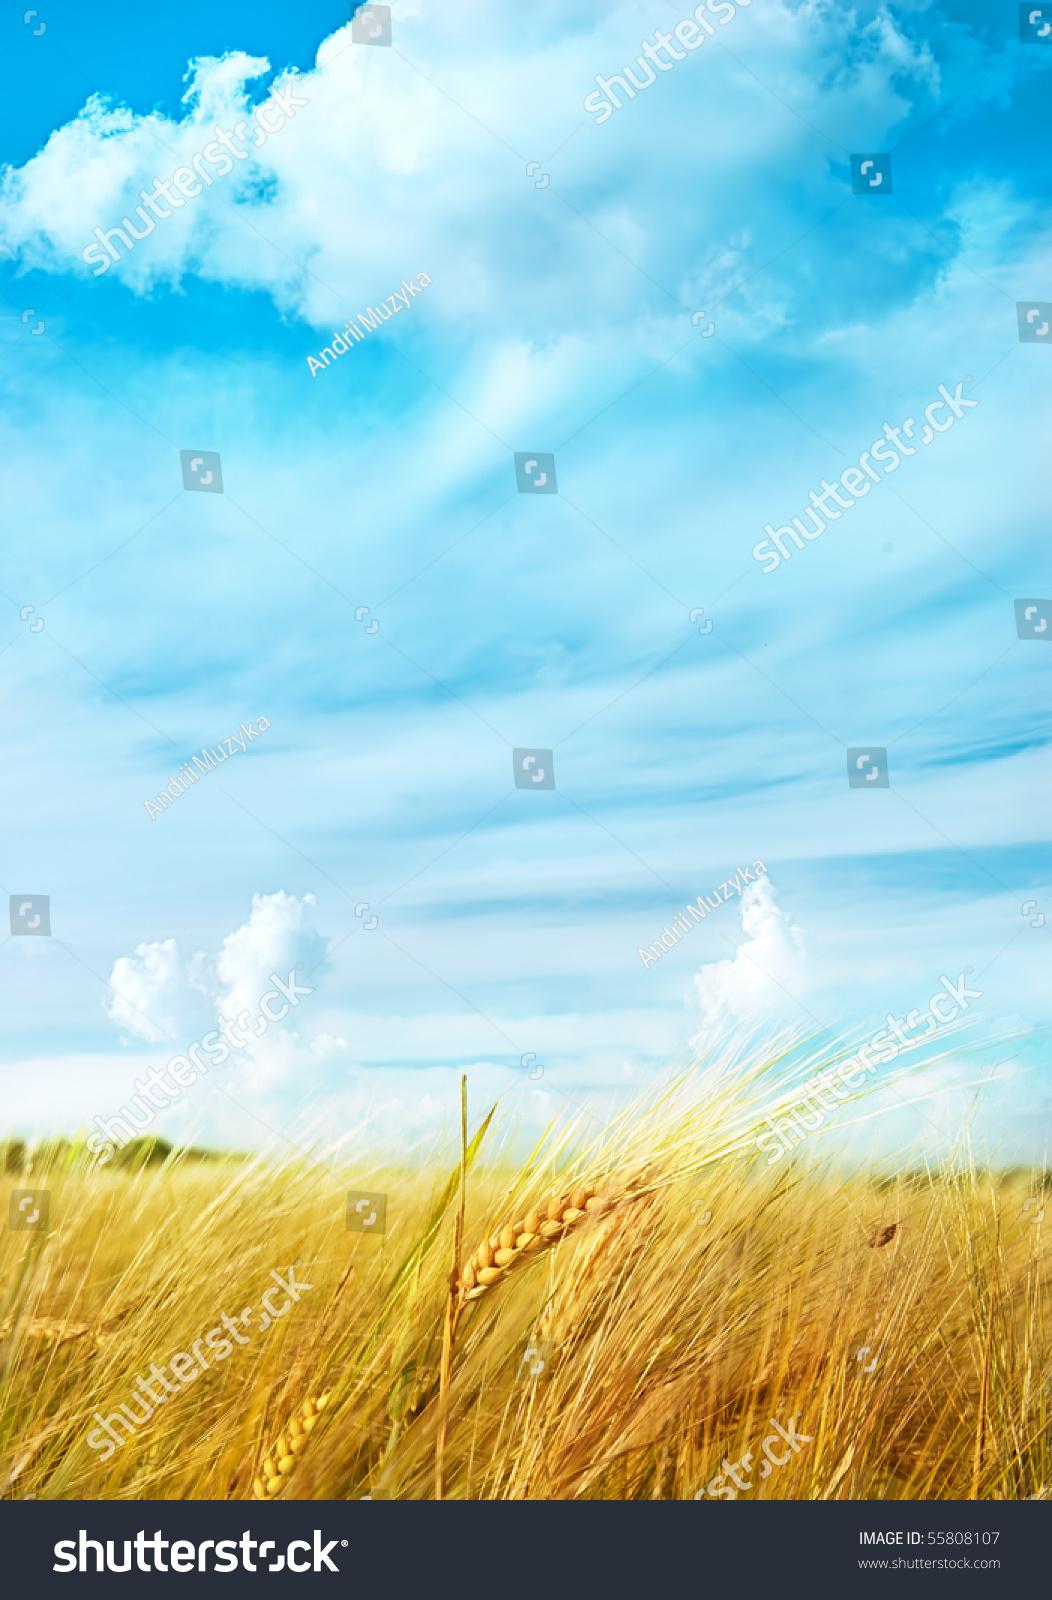 壁纸 成片种植 风景 植物 种植基地 桌面 1052_1600 竖版 竖屏 手机